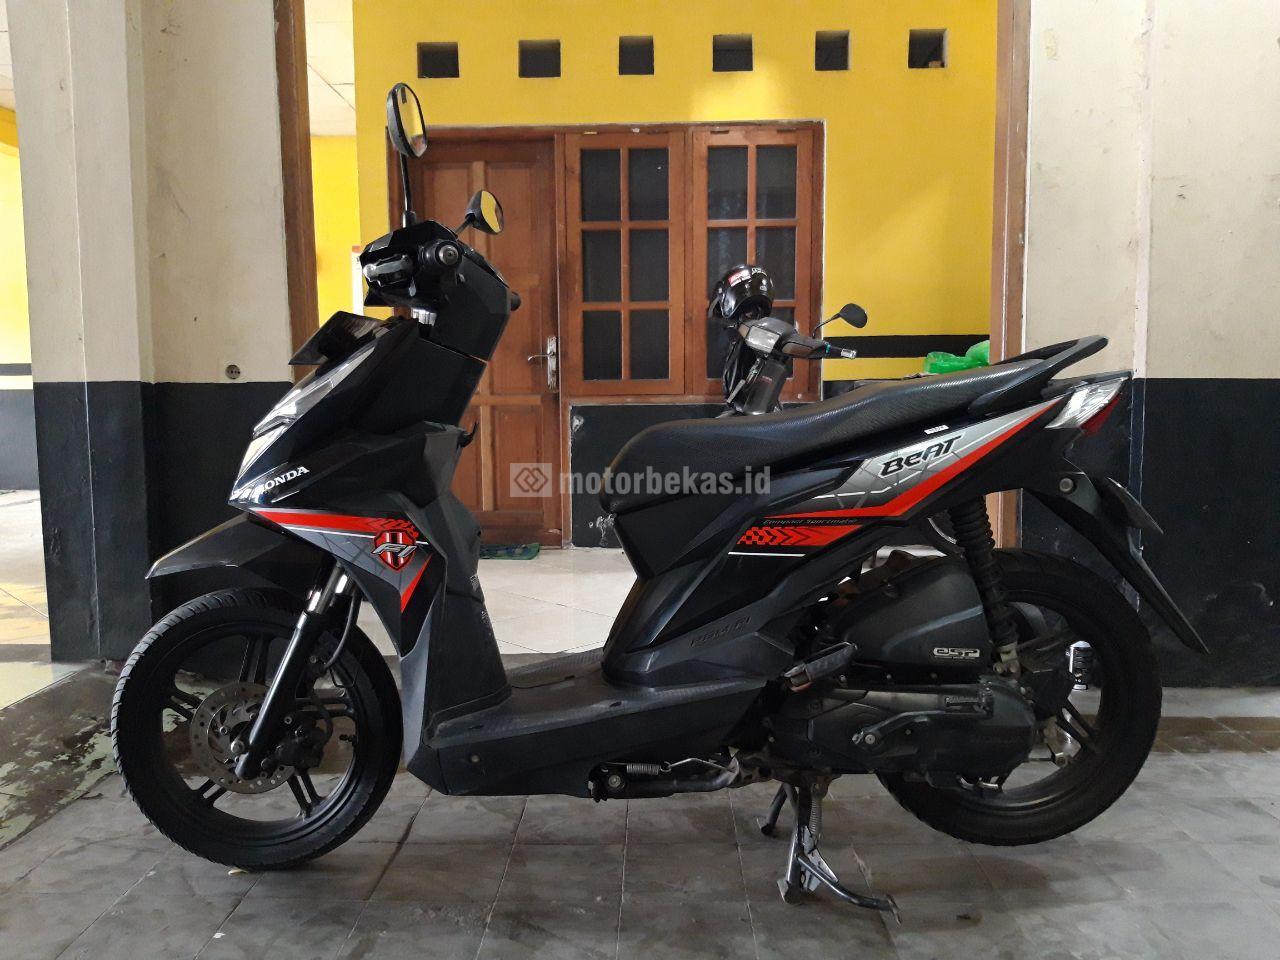 HONDA BEAT  2490 motorbekas.id